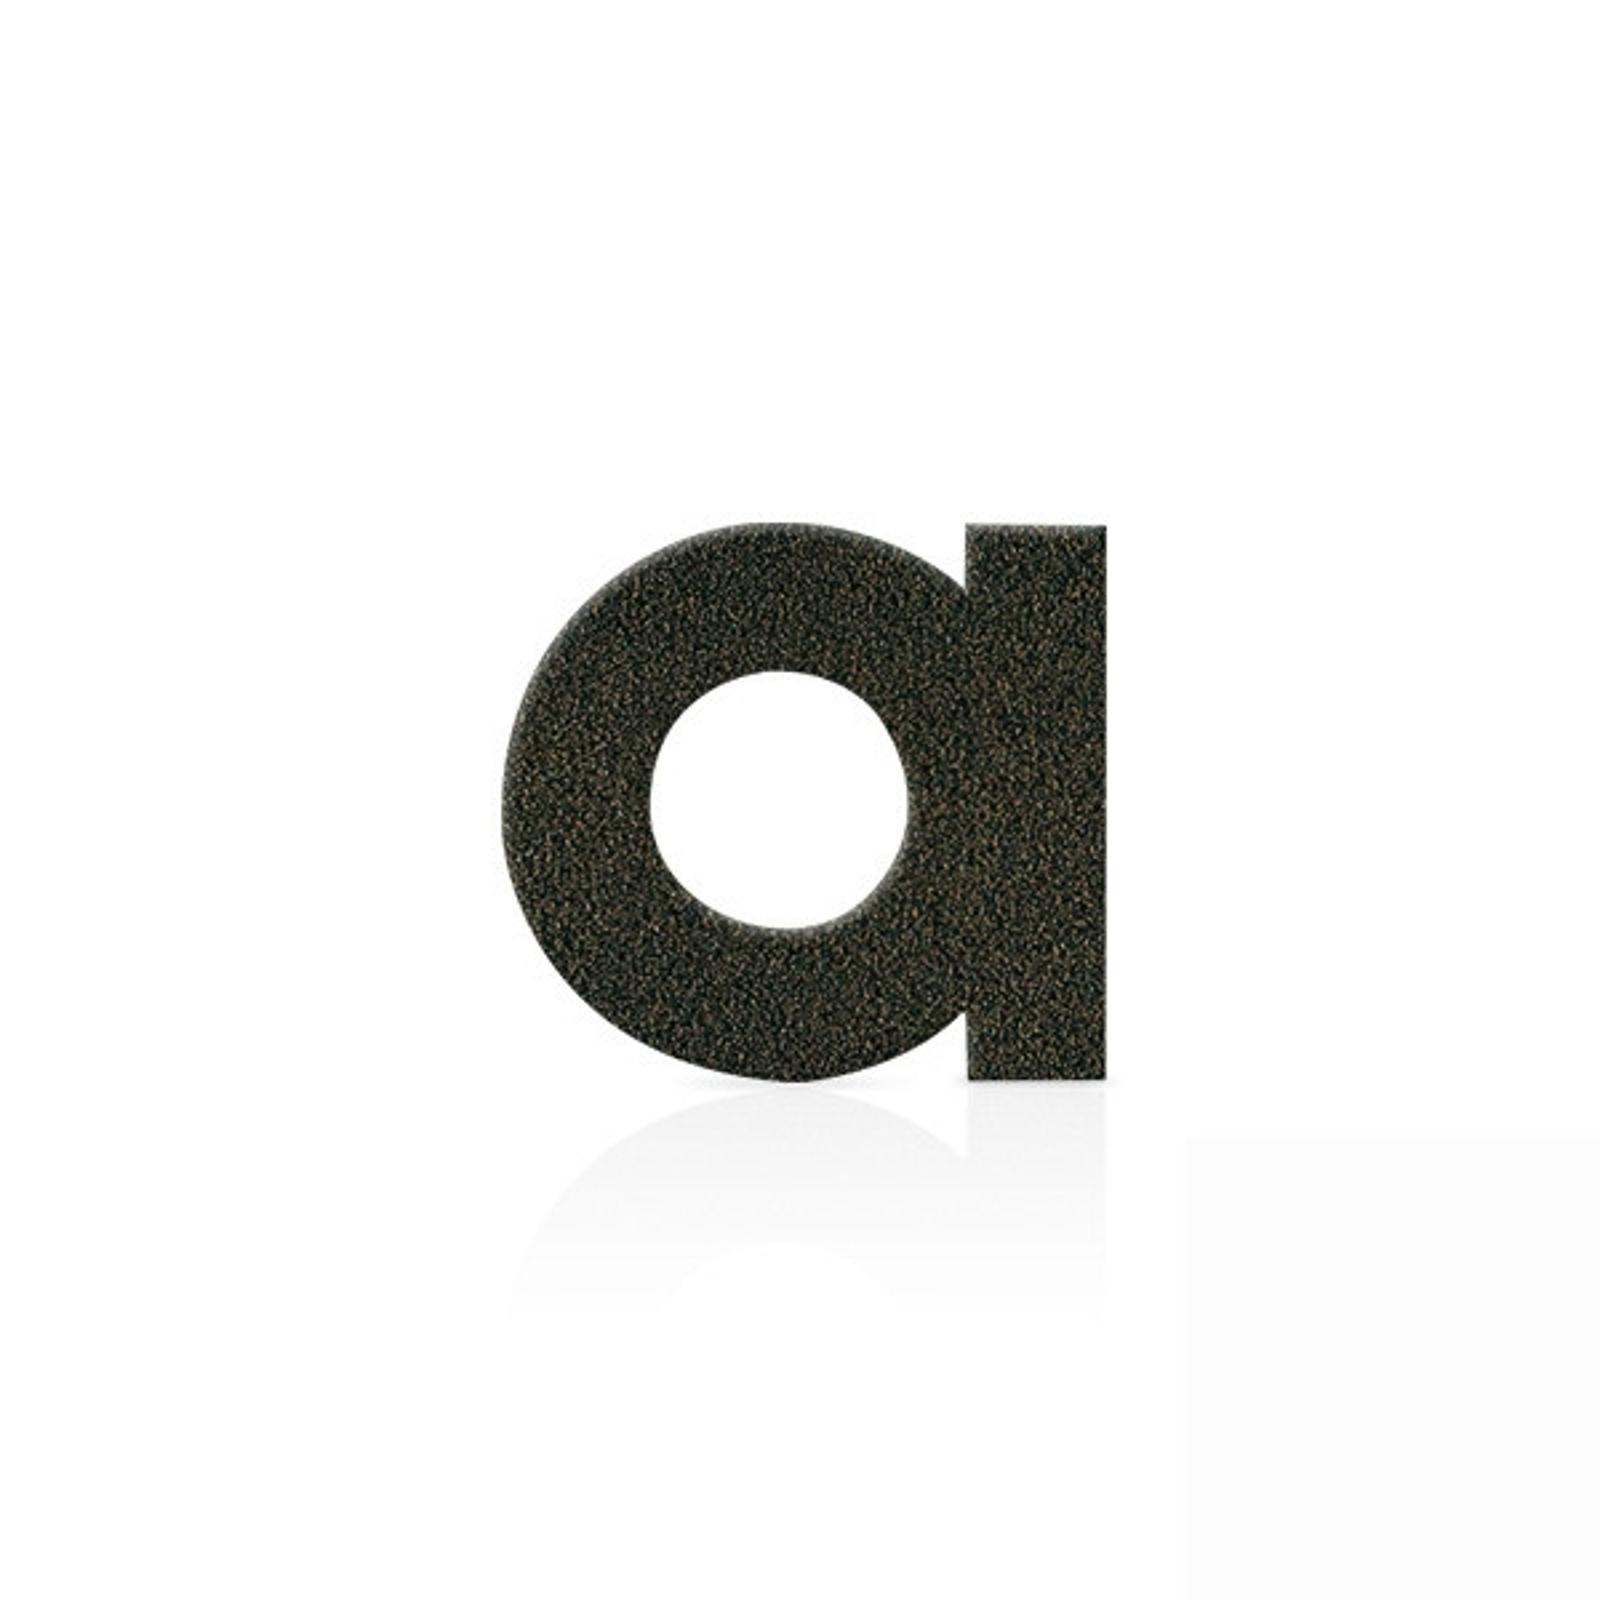 Numer domu ze stali szlachetnej litera a